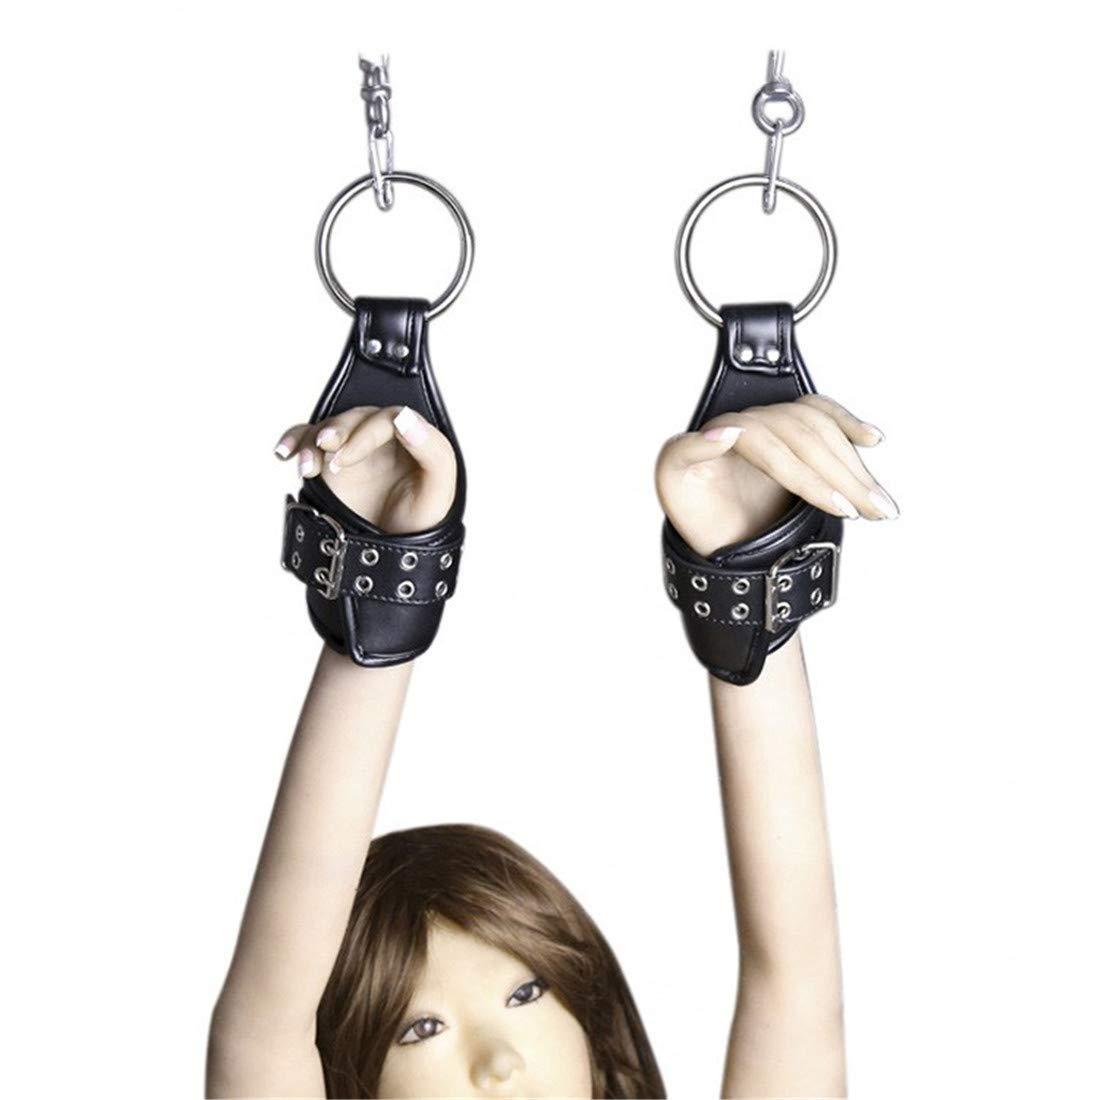 KERVINZHANG Encuadernación sexy anillo de hierro puerta colgante esposas esposas esposas accesorios exóticos juguetes sexuales 1494e8